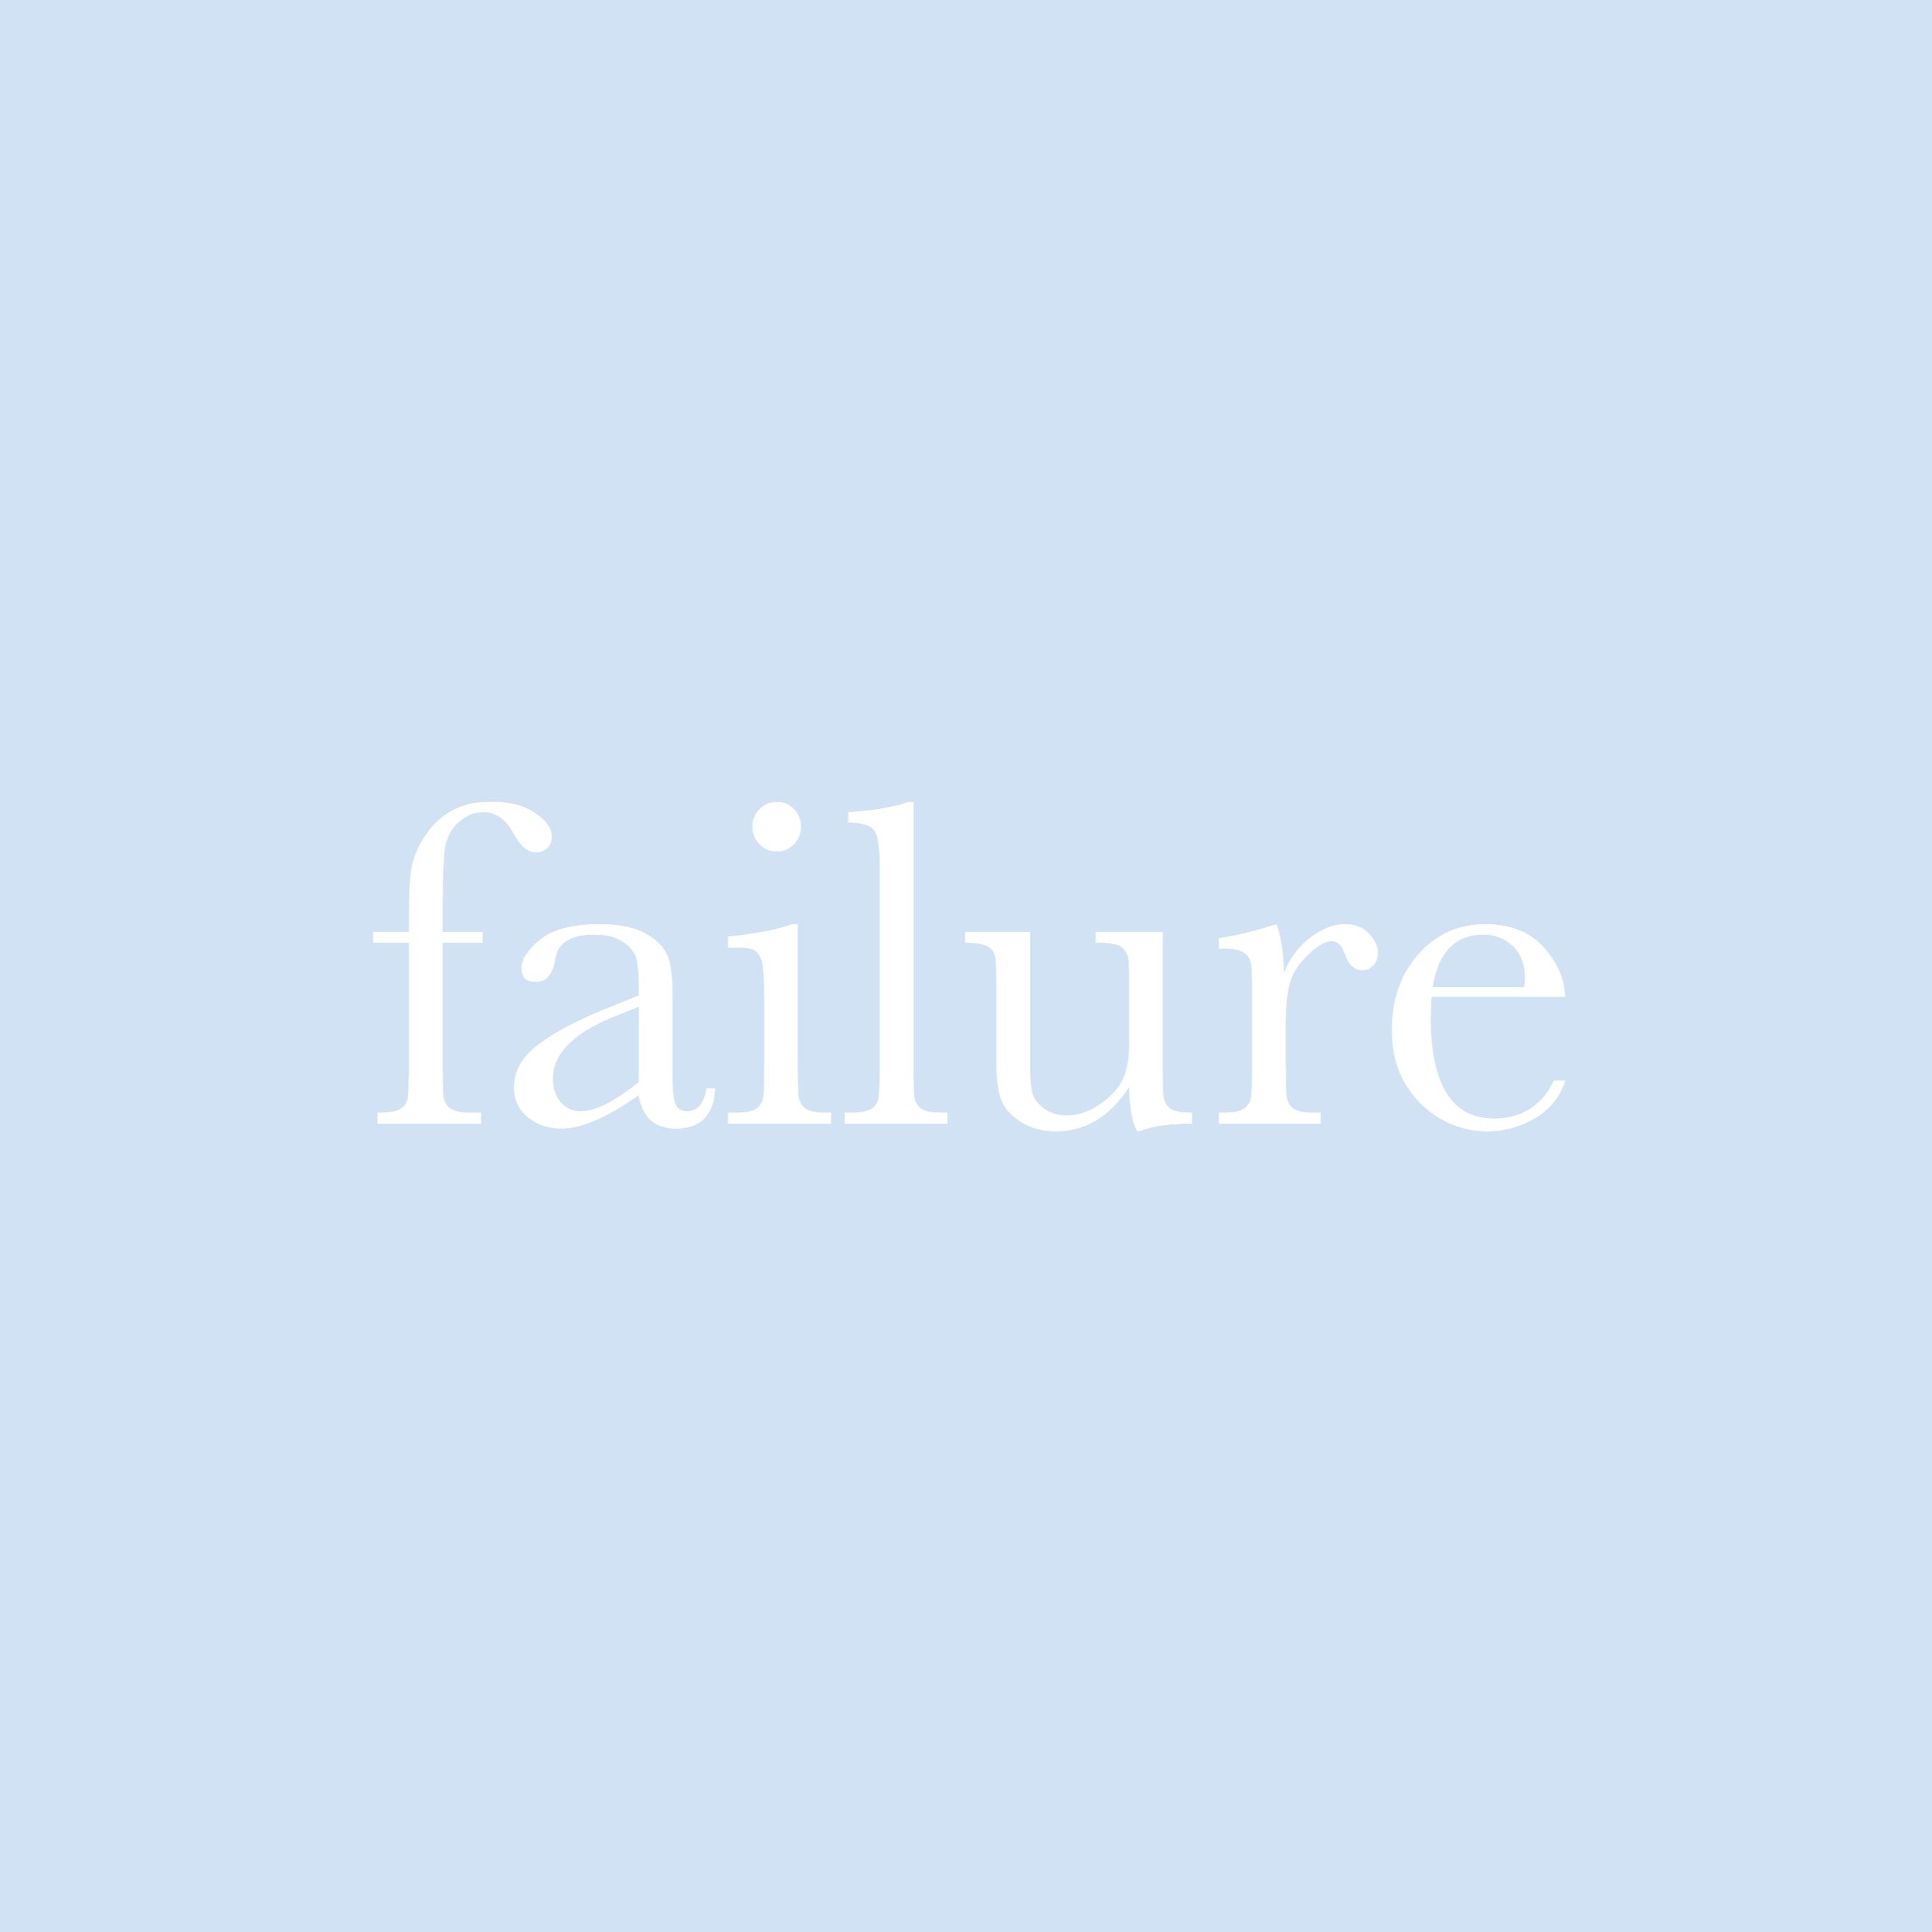 每日一字 : failure